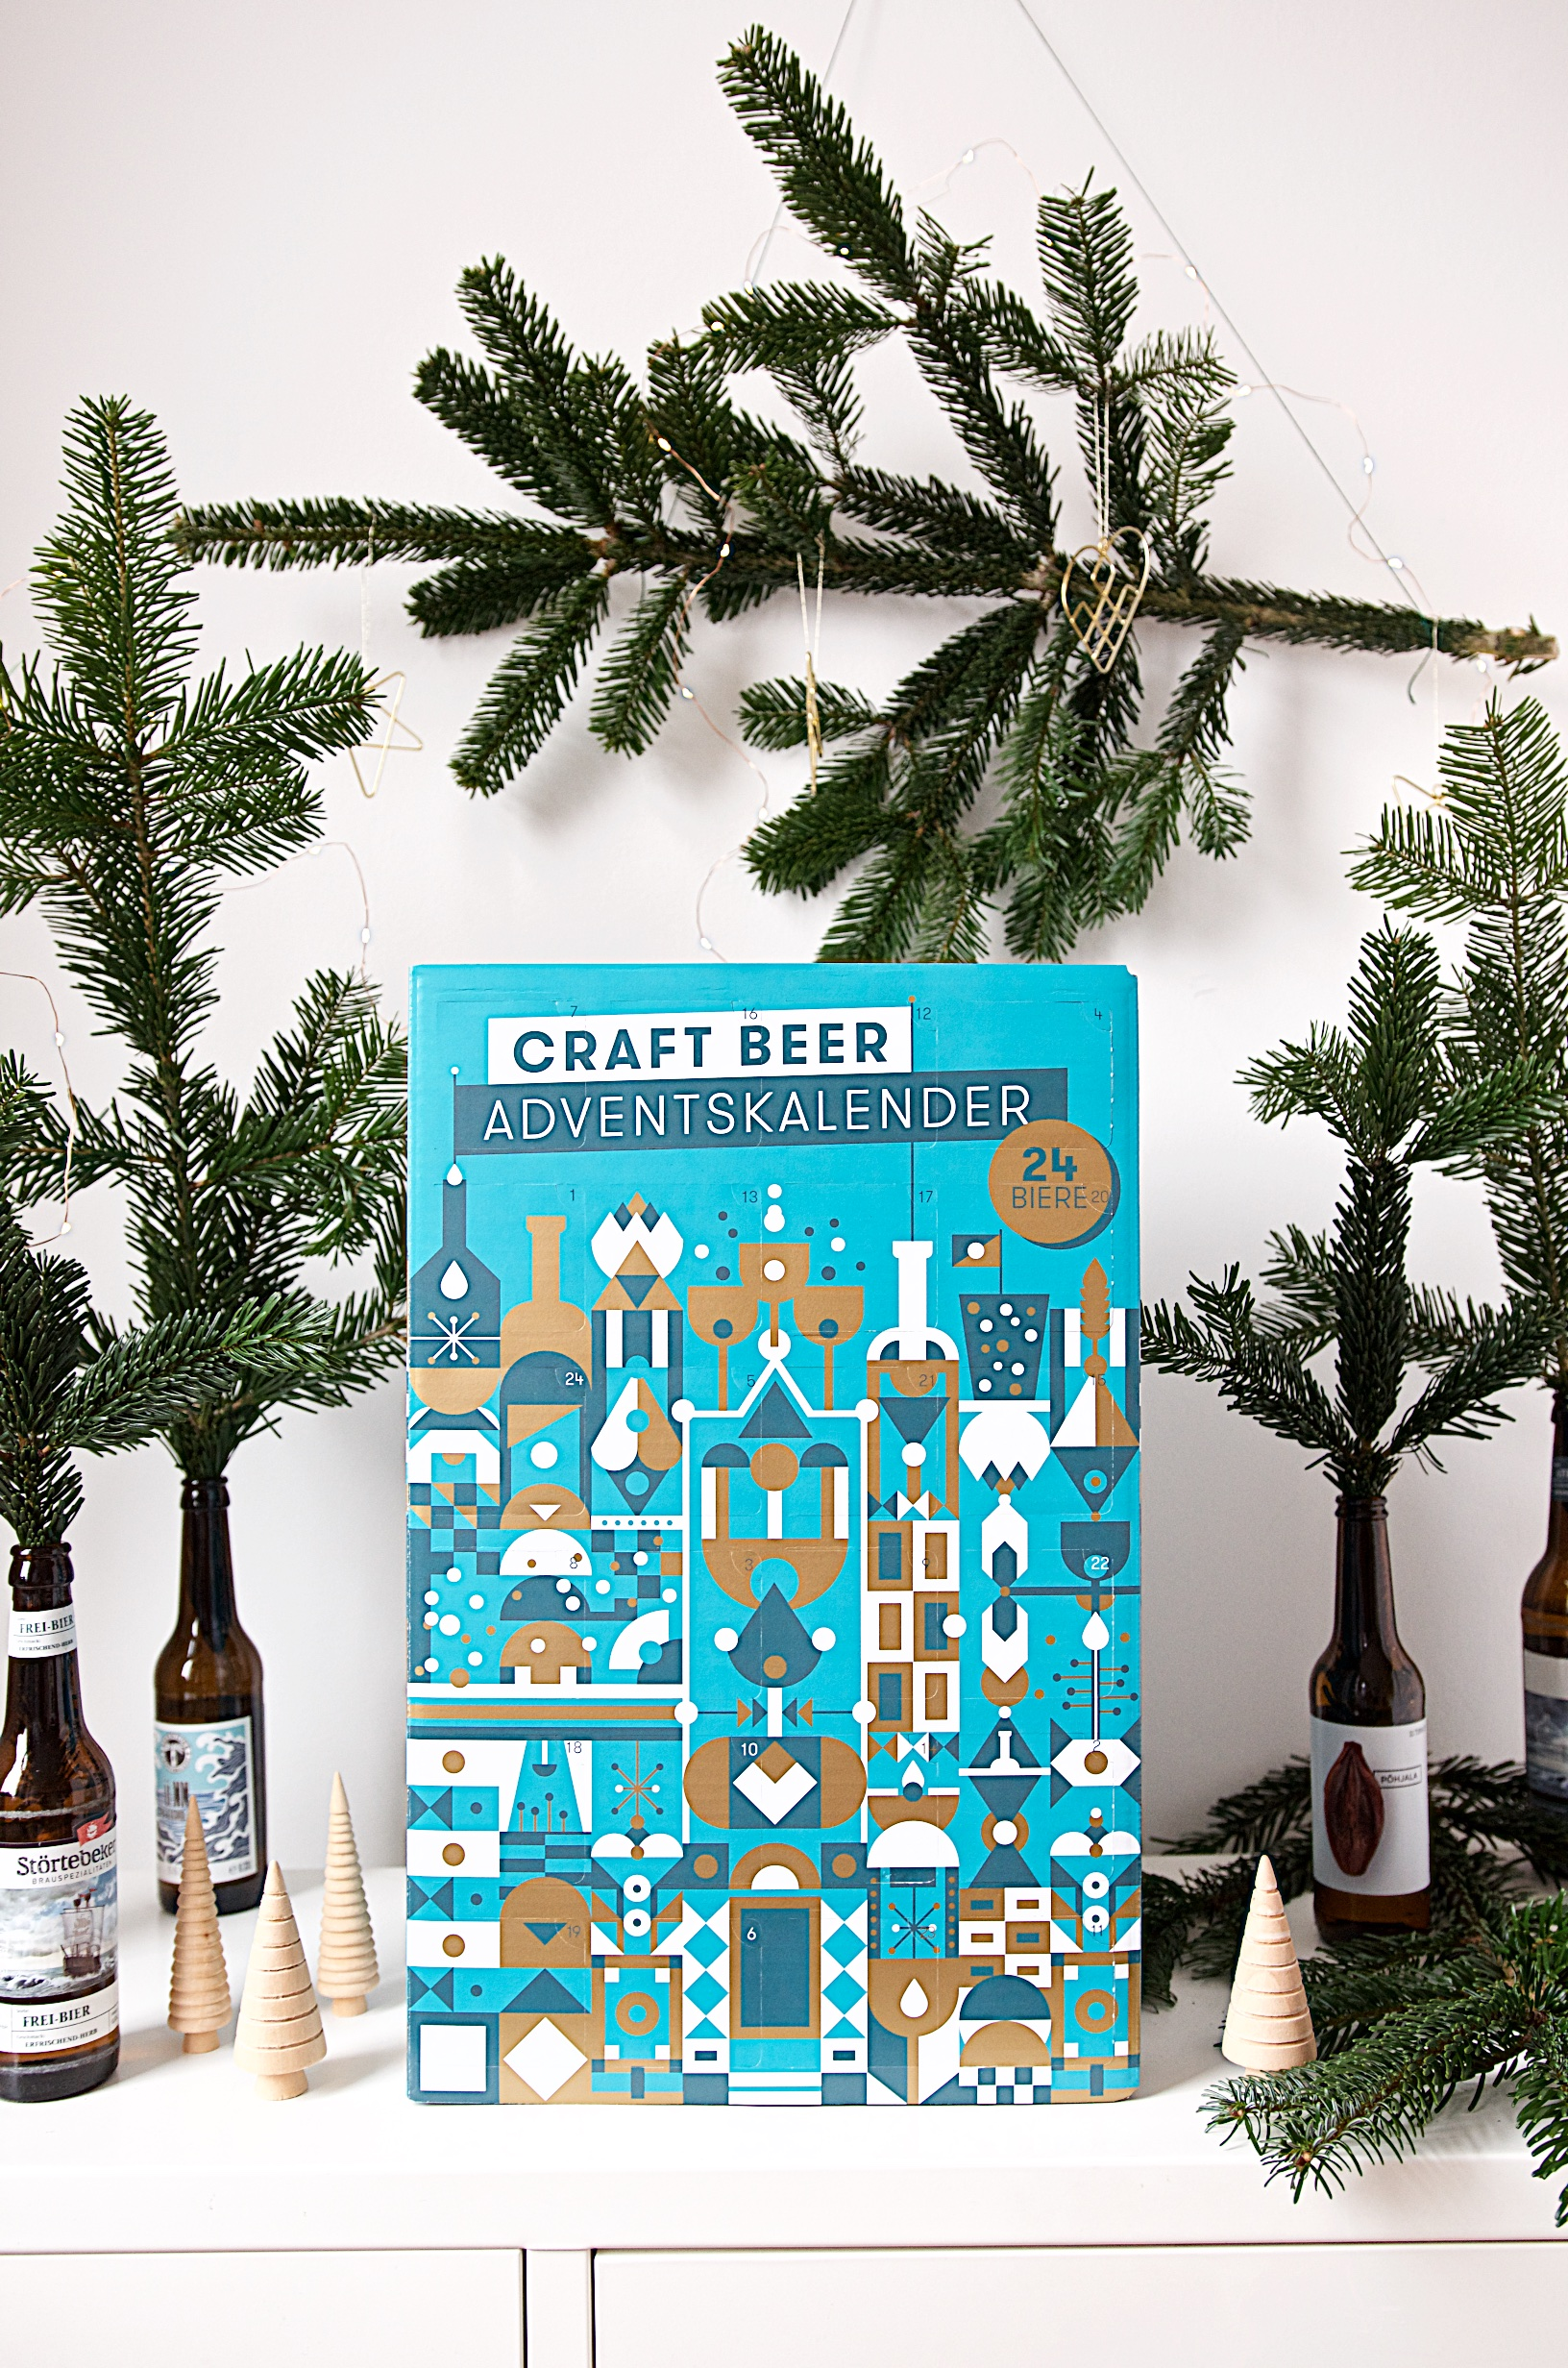 Craft Beer Adventskalender von Beyond Beer | Adventskalender für Männer und Bierliebhaber